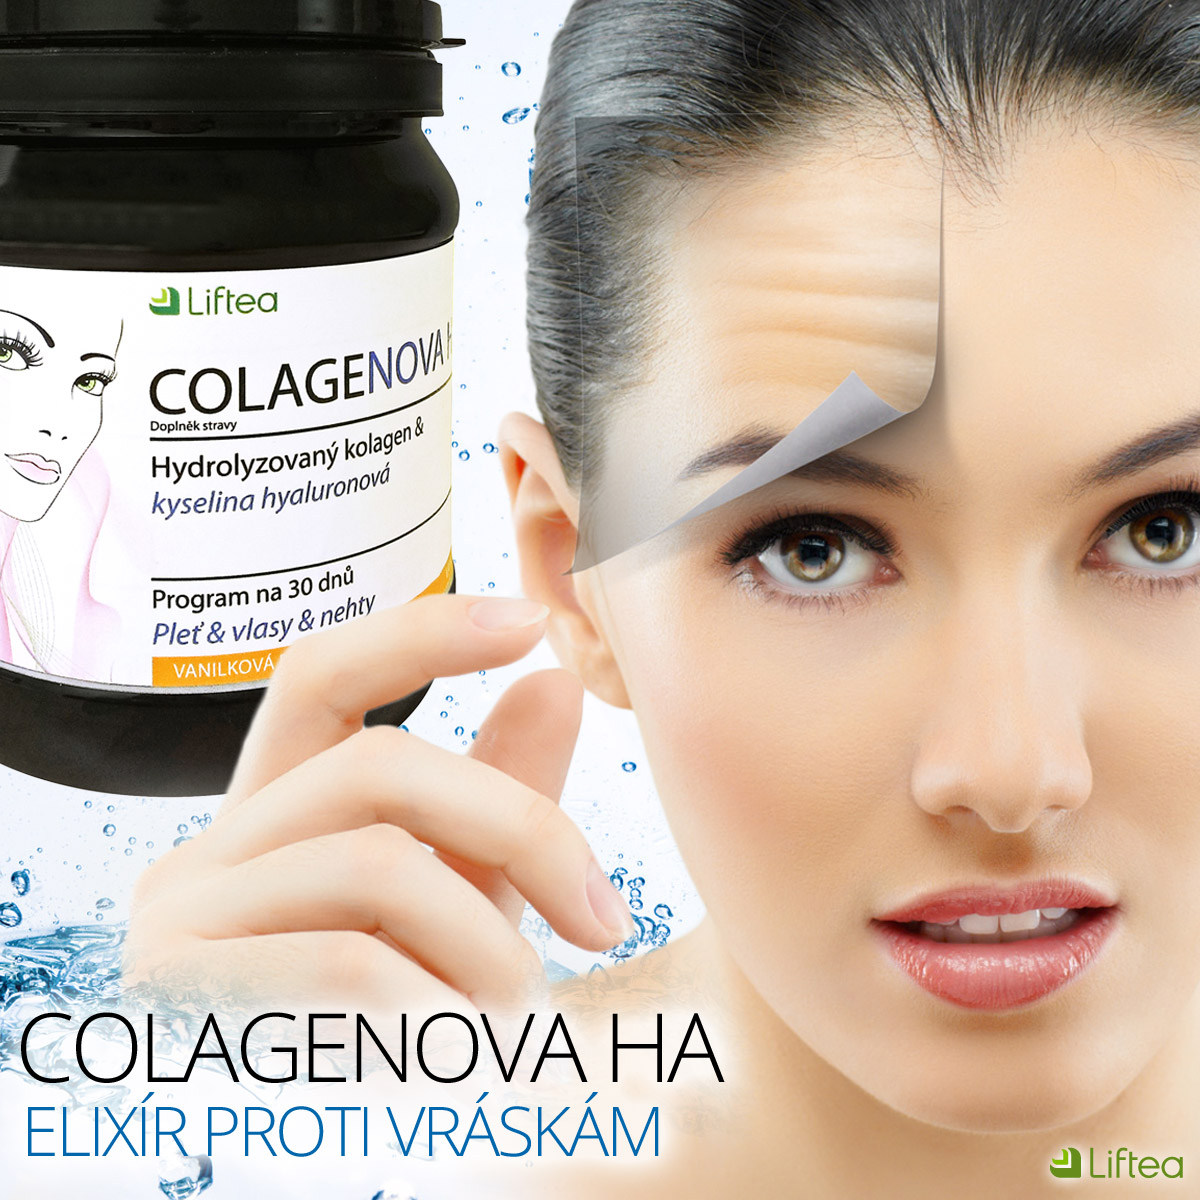 Kolagen Peptan a kyselina hyaluronová HyaMax obsažené v produktu Liftea Colagenova HA jsou doslova elixíry krásy.